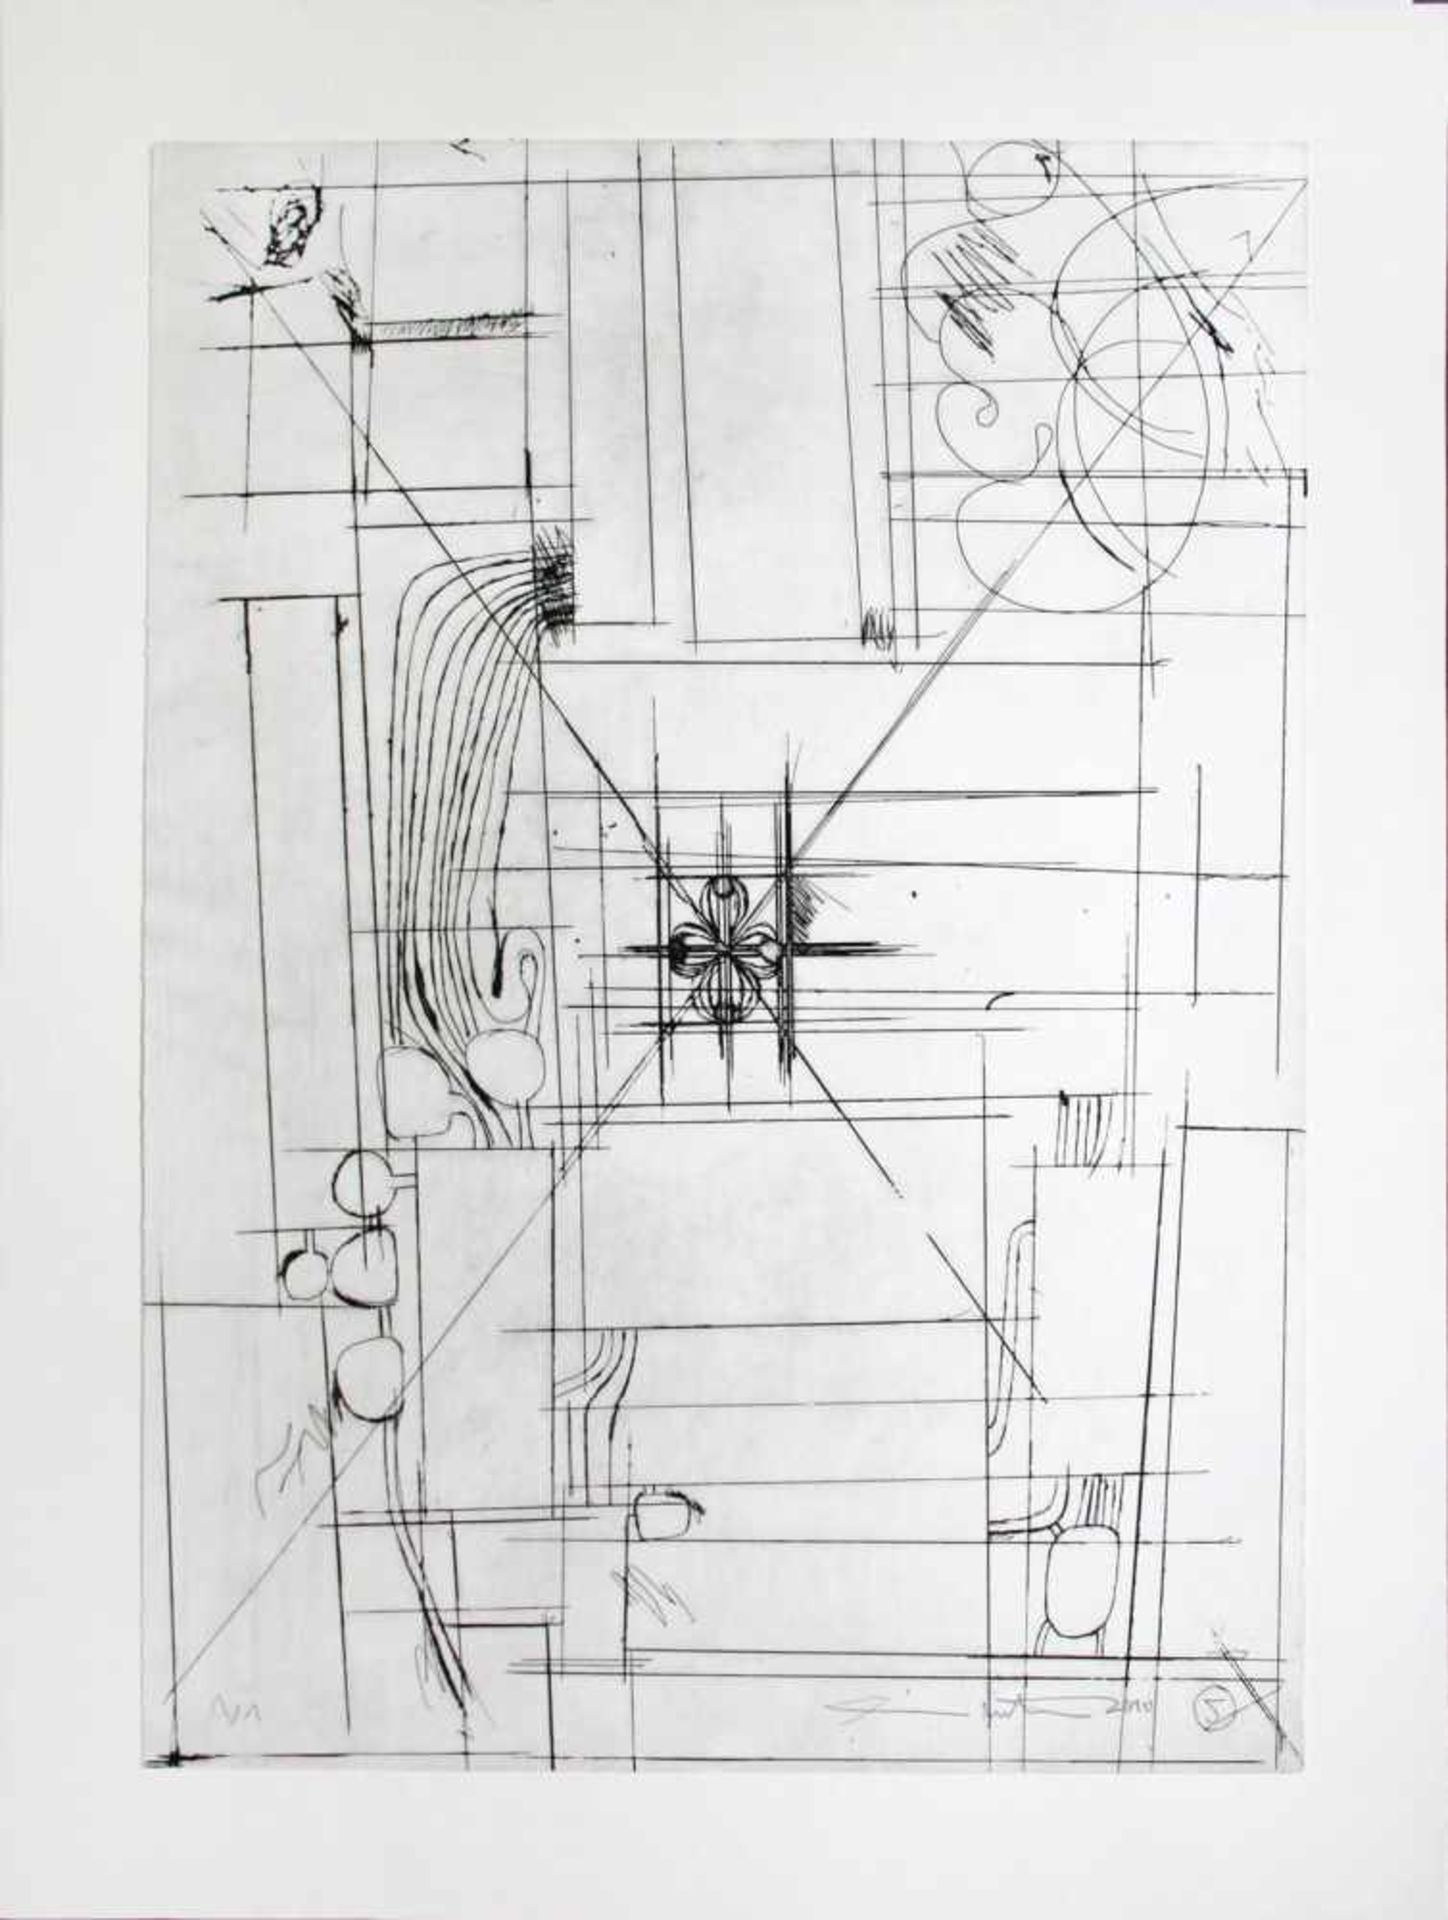 Hermann Nitsch geb. 1938 o.T. 2010 Kaltnadelradierung handsigniert und nummeriert 1/1 68 x 48 cm - Bild 2 aus 4